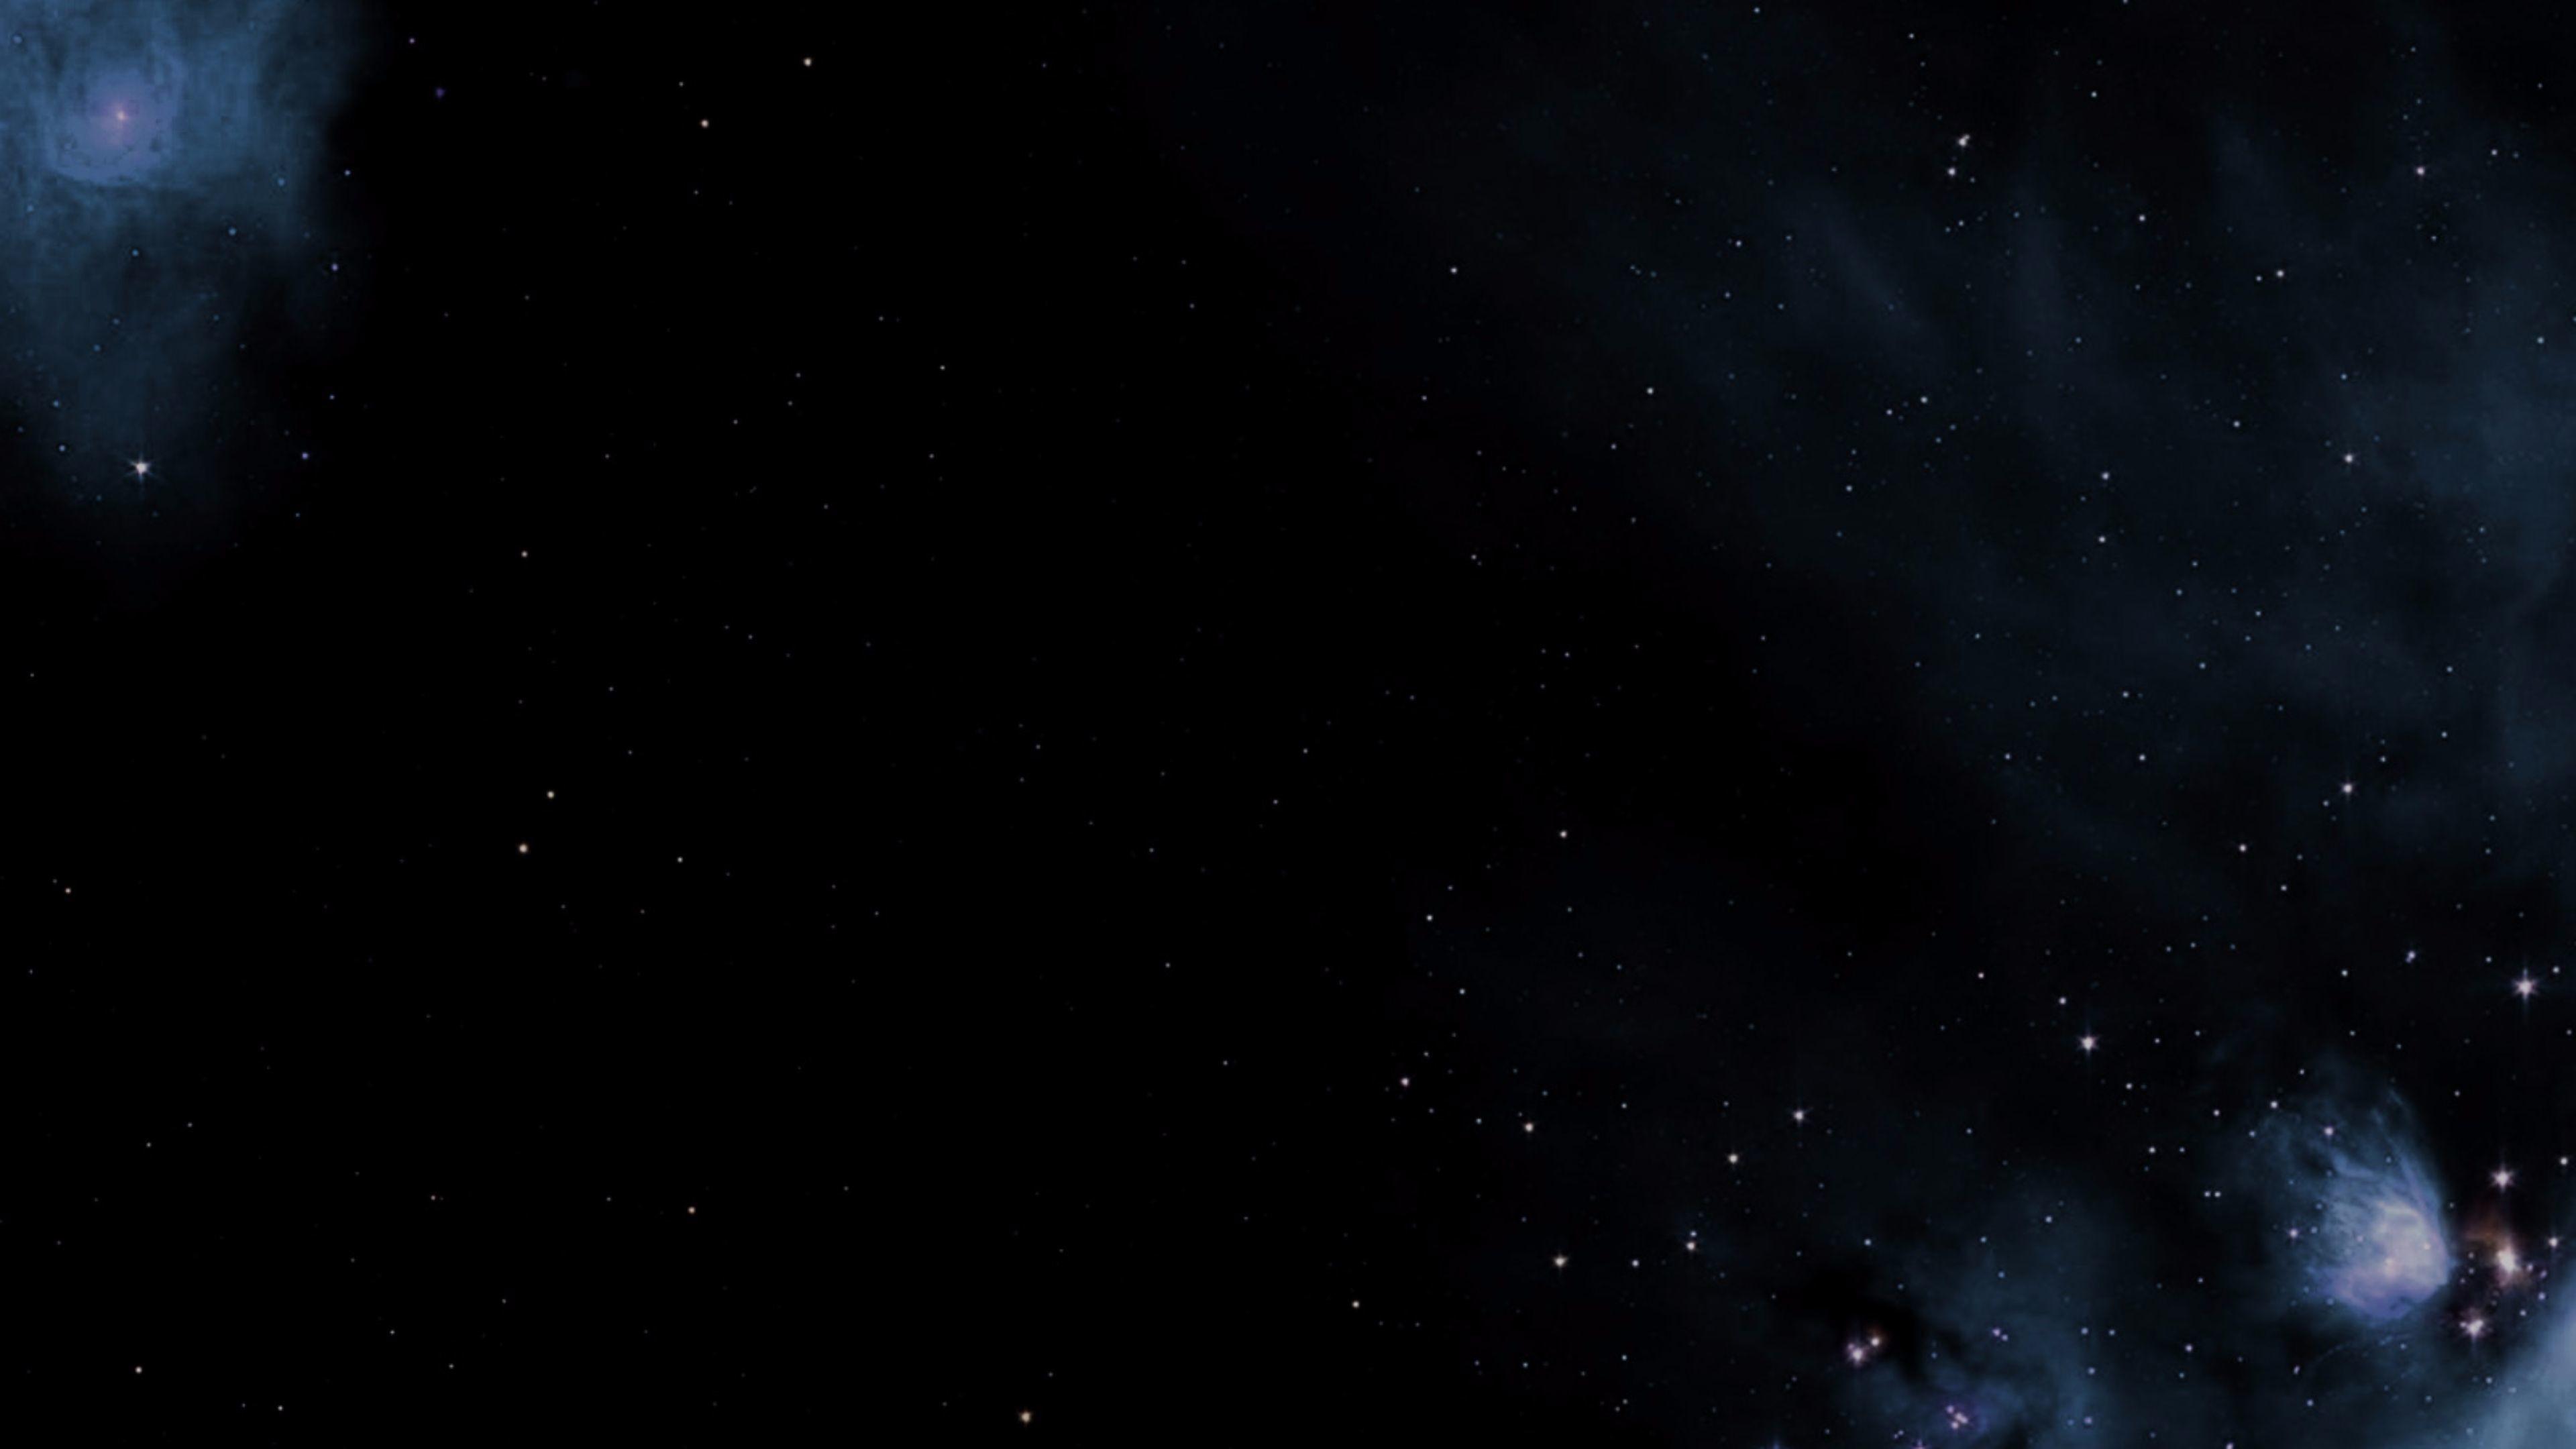 40 4k Universe